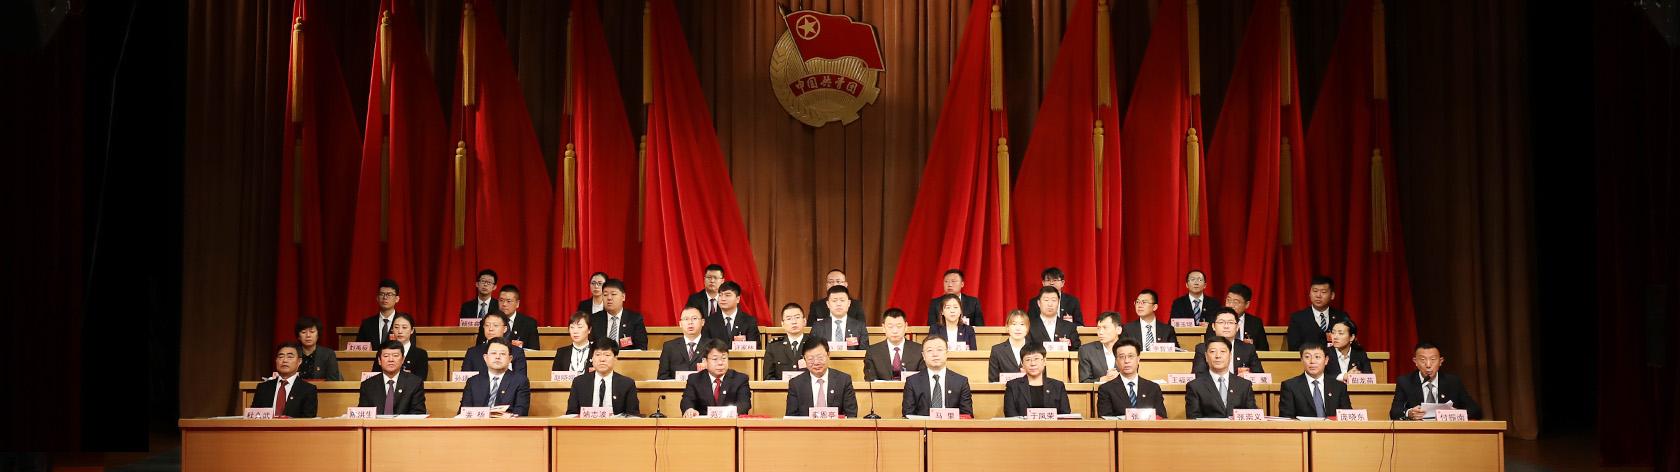 中国共产主义青年团黑河市第五次代表大会开幕会